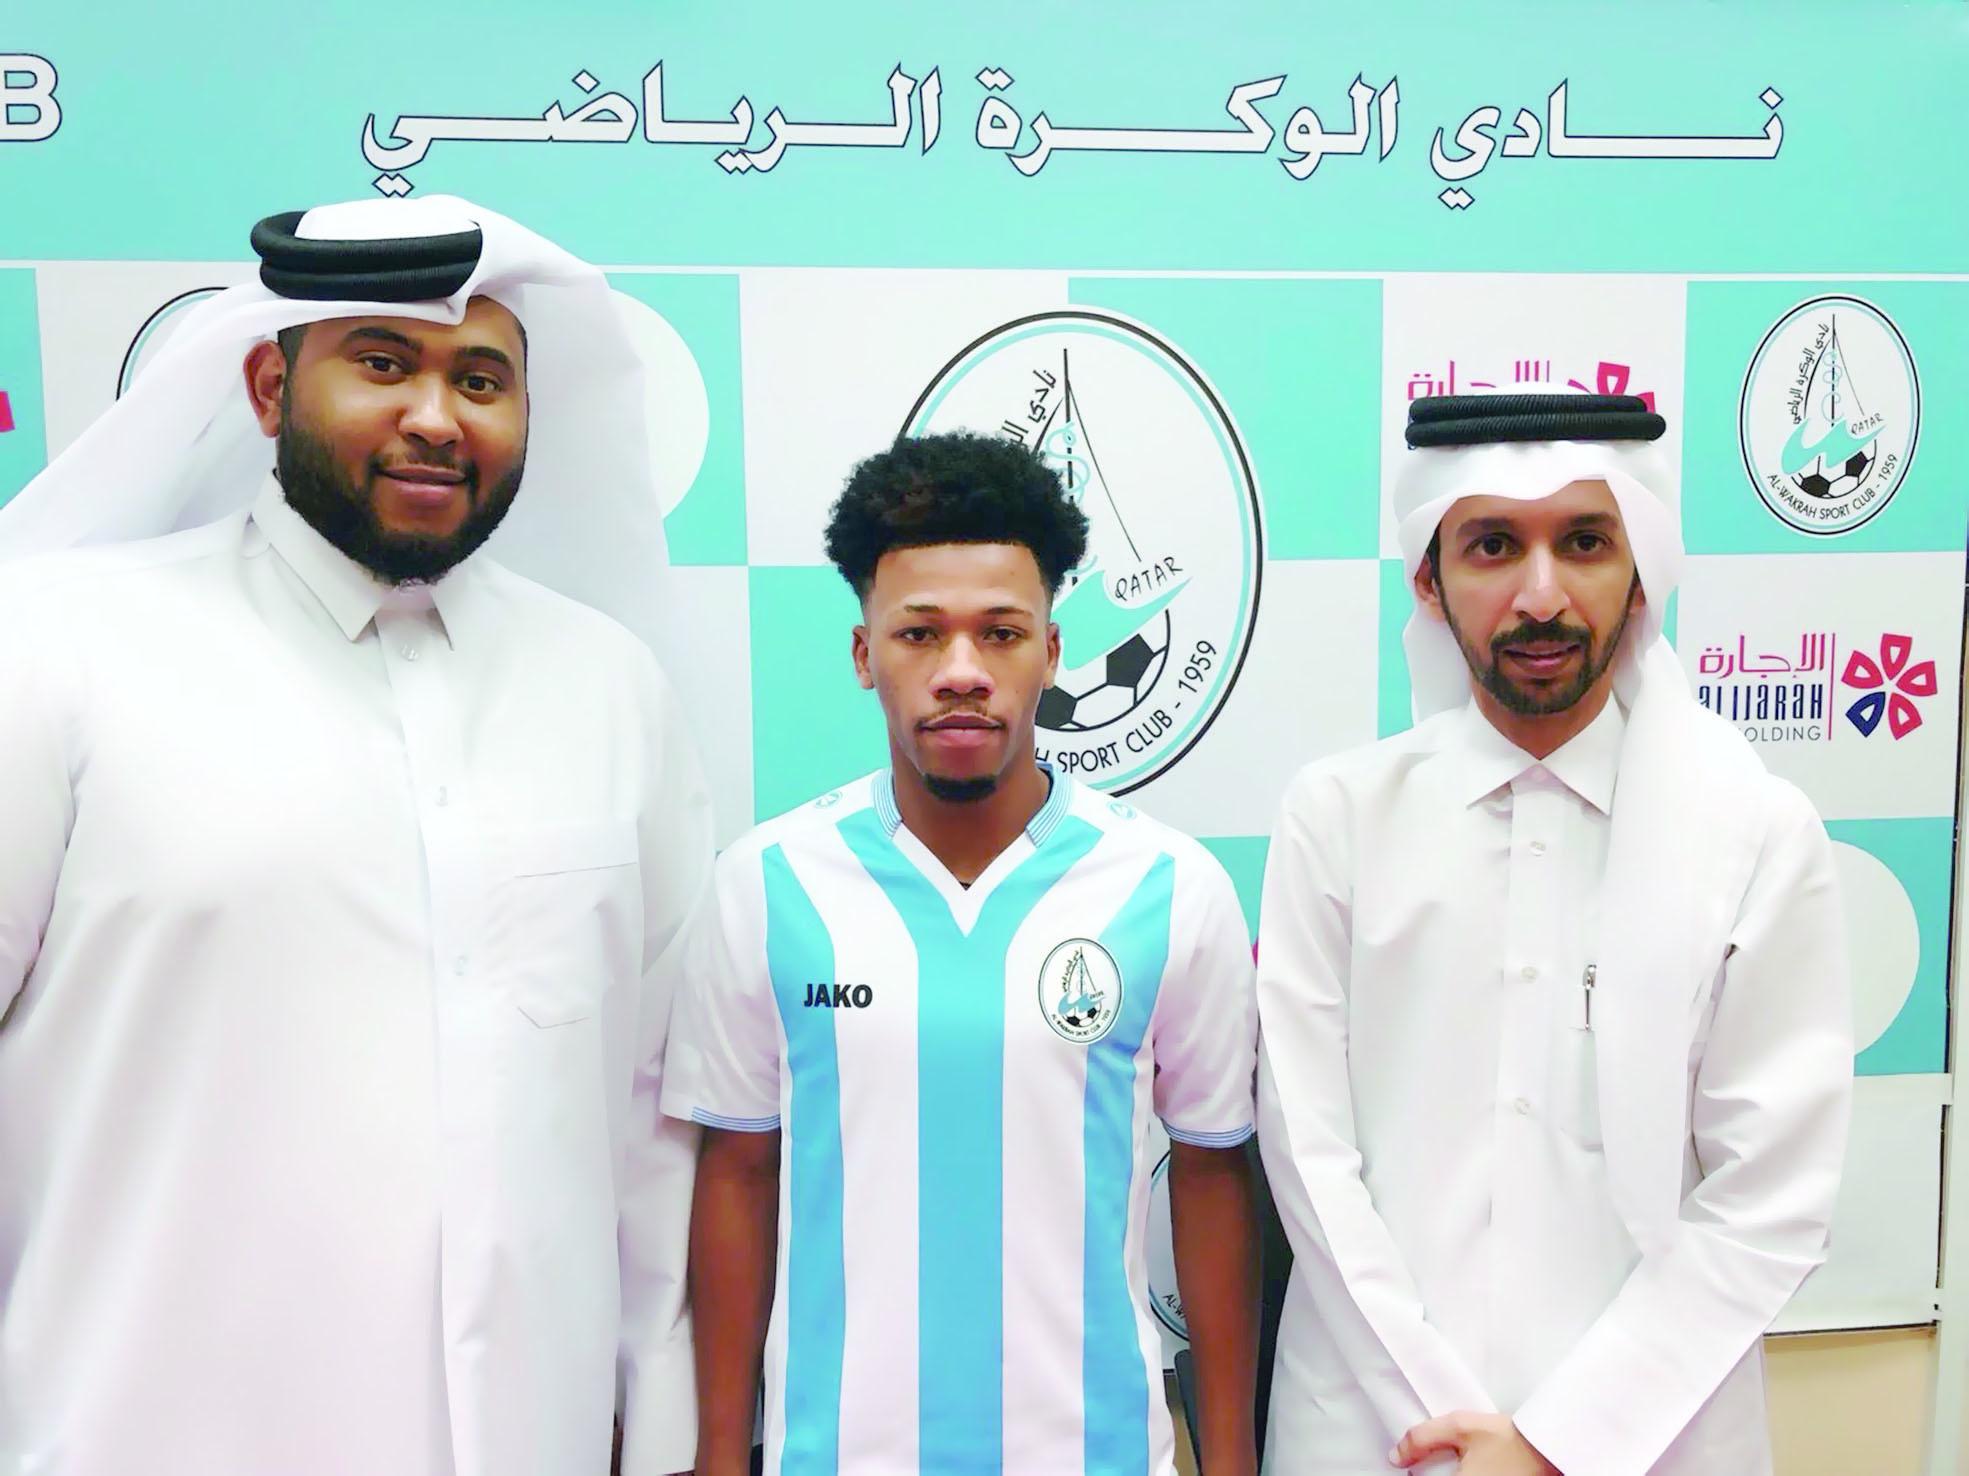 جميل اليحمدي يصل الدوحة لتمثيل الوكرة